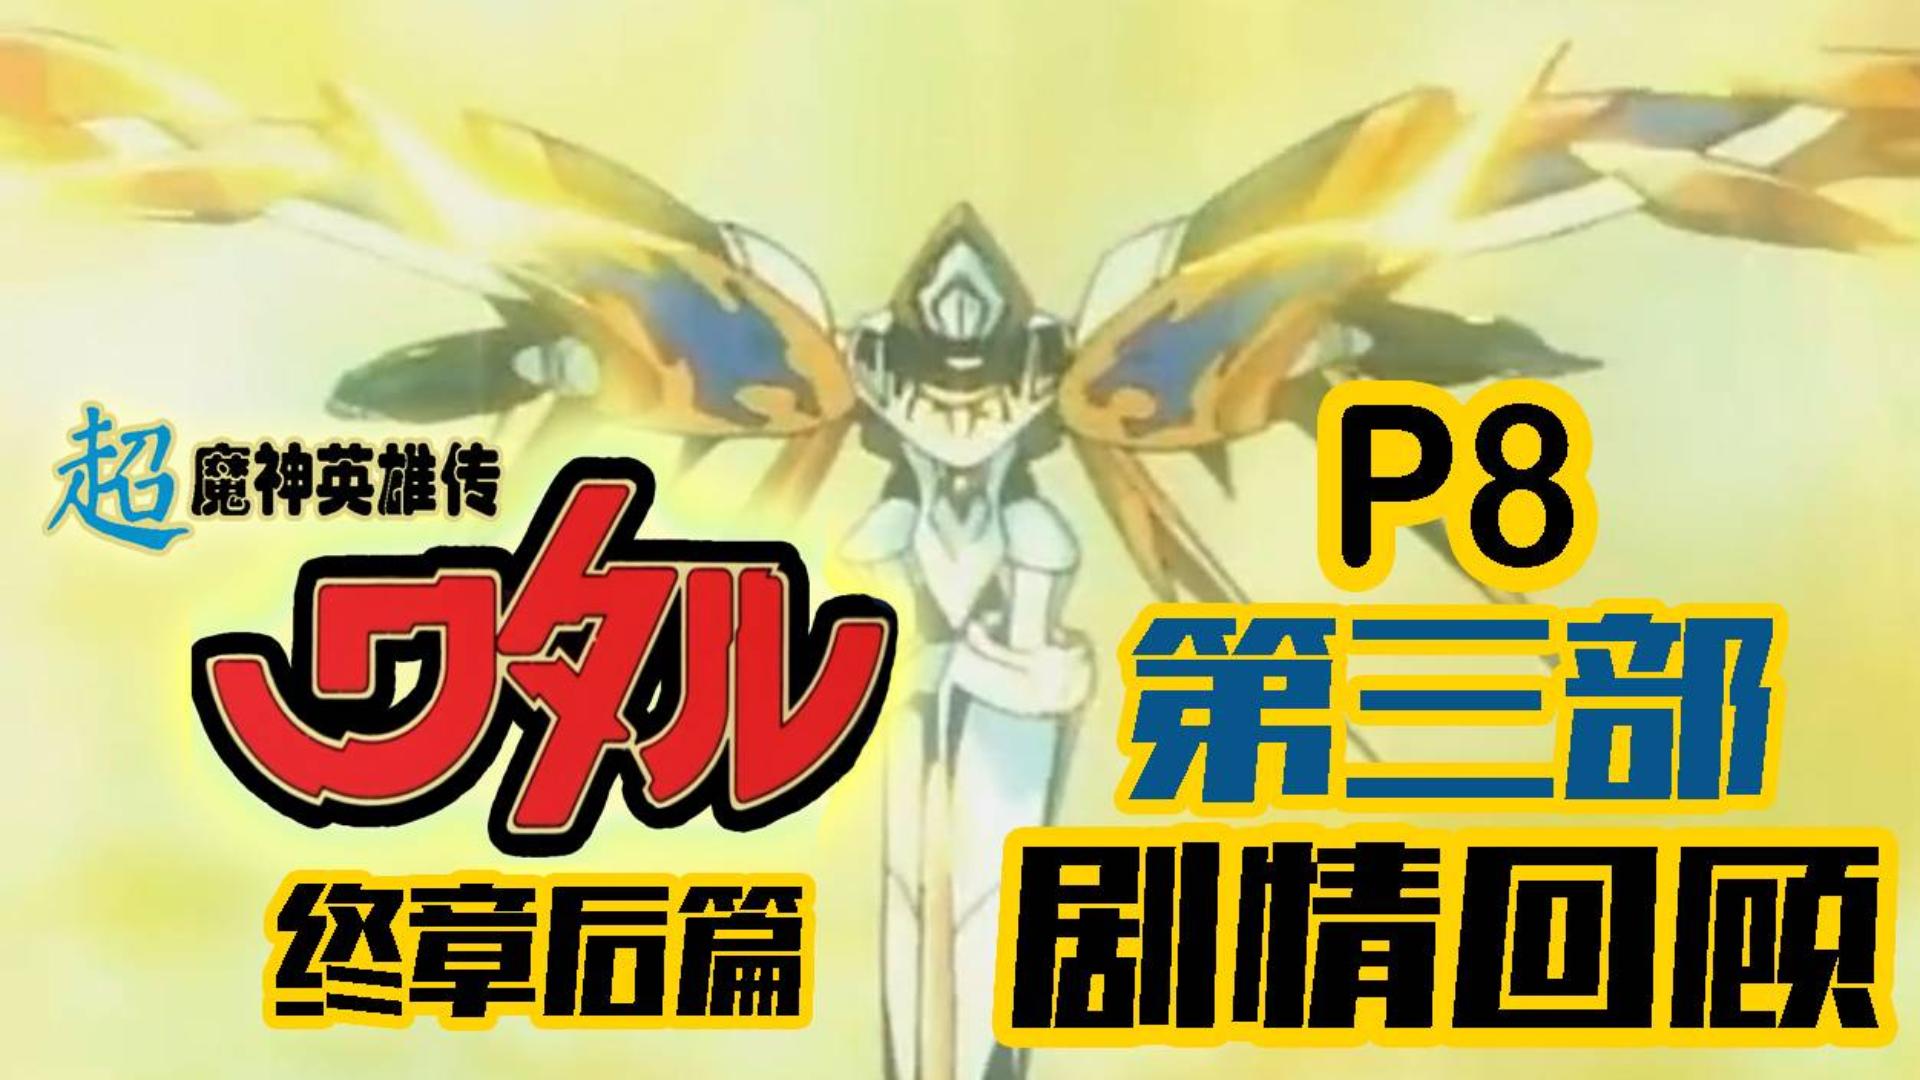 【十二漫话】超魔神英雄传(神龙斗士3)剧情回顾part8终章后篇